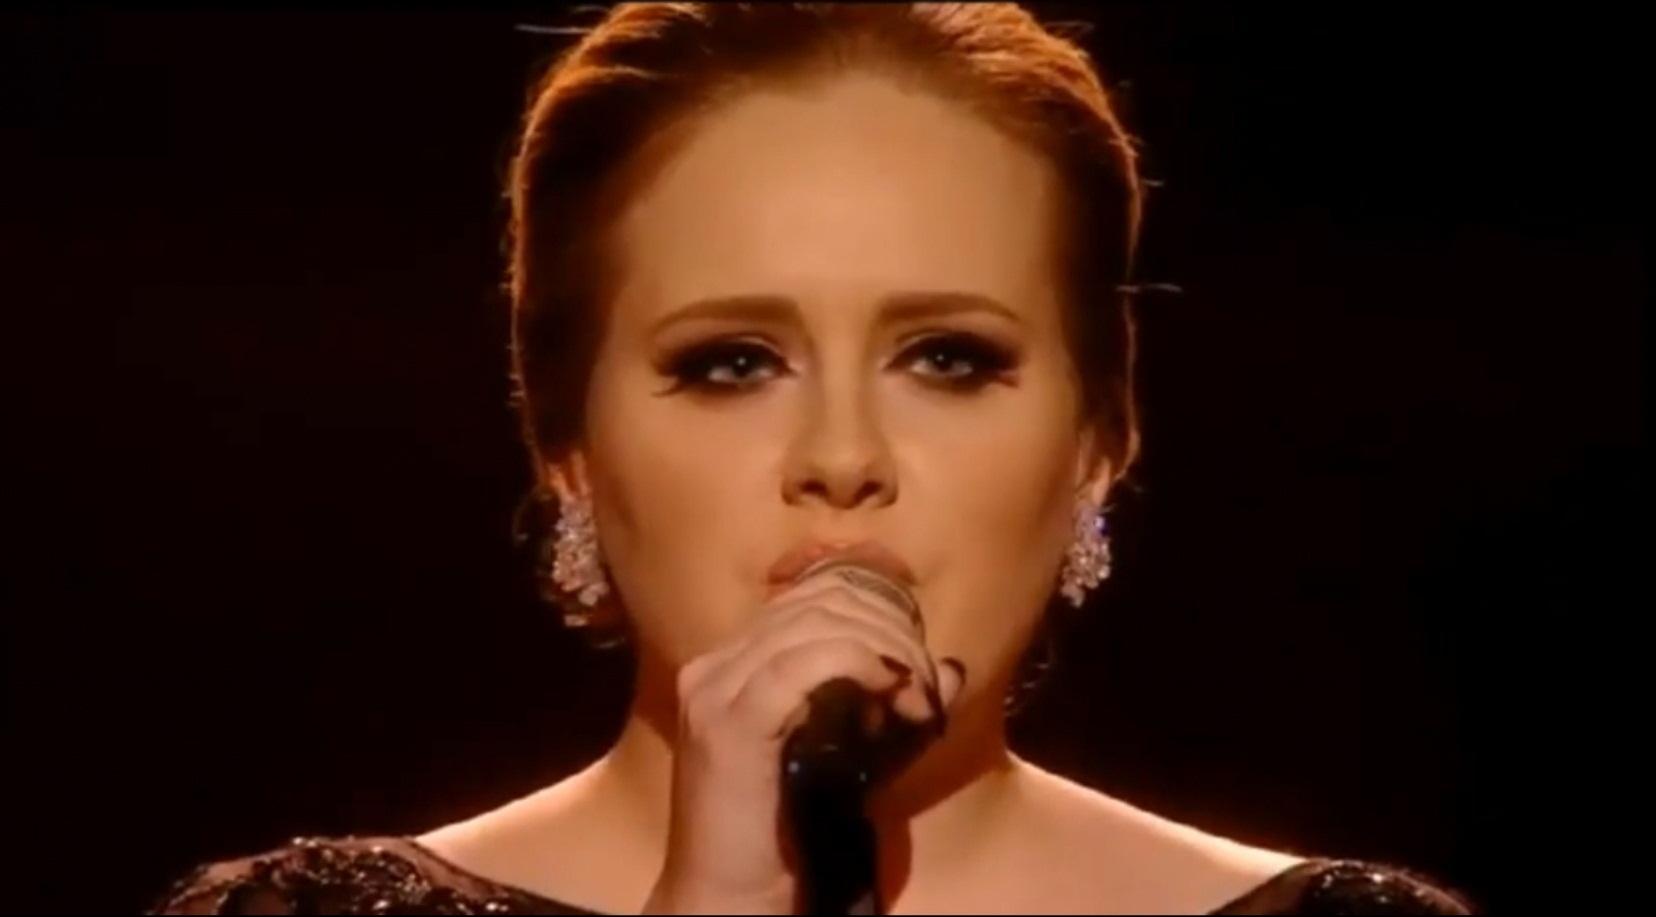 Adele, contra la publicación de supuestas fotografías suyas subidas de tono